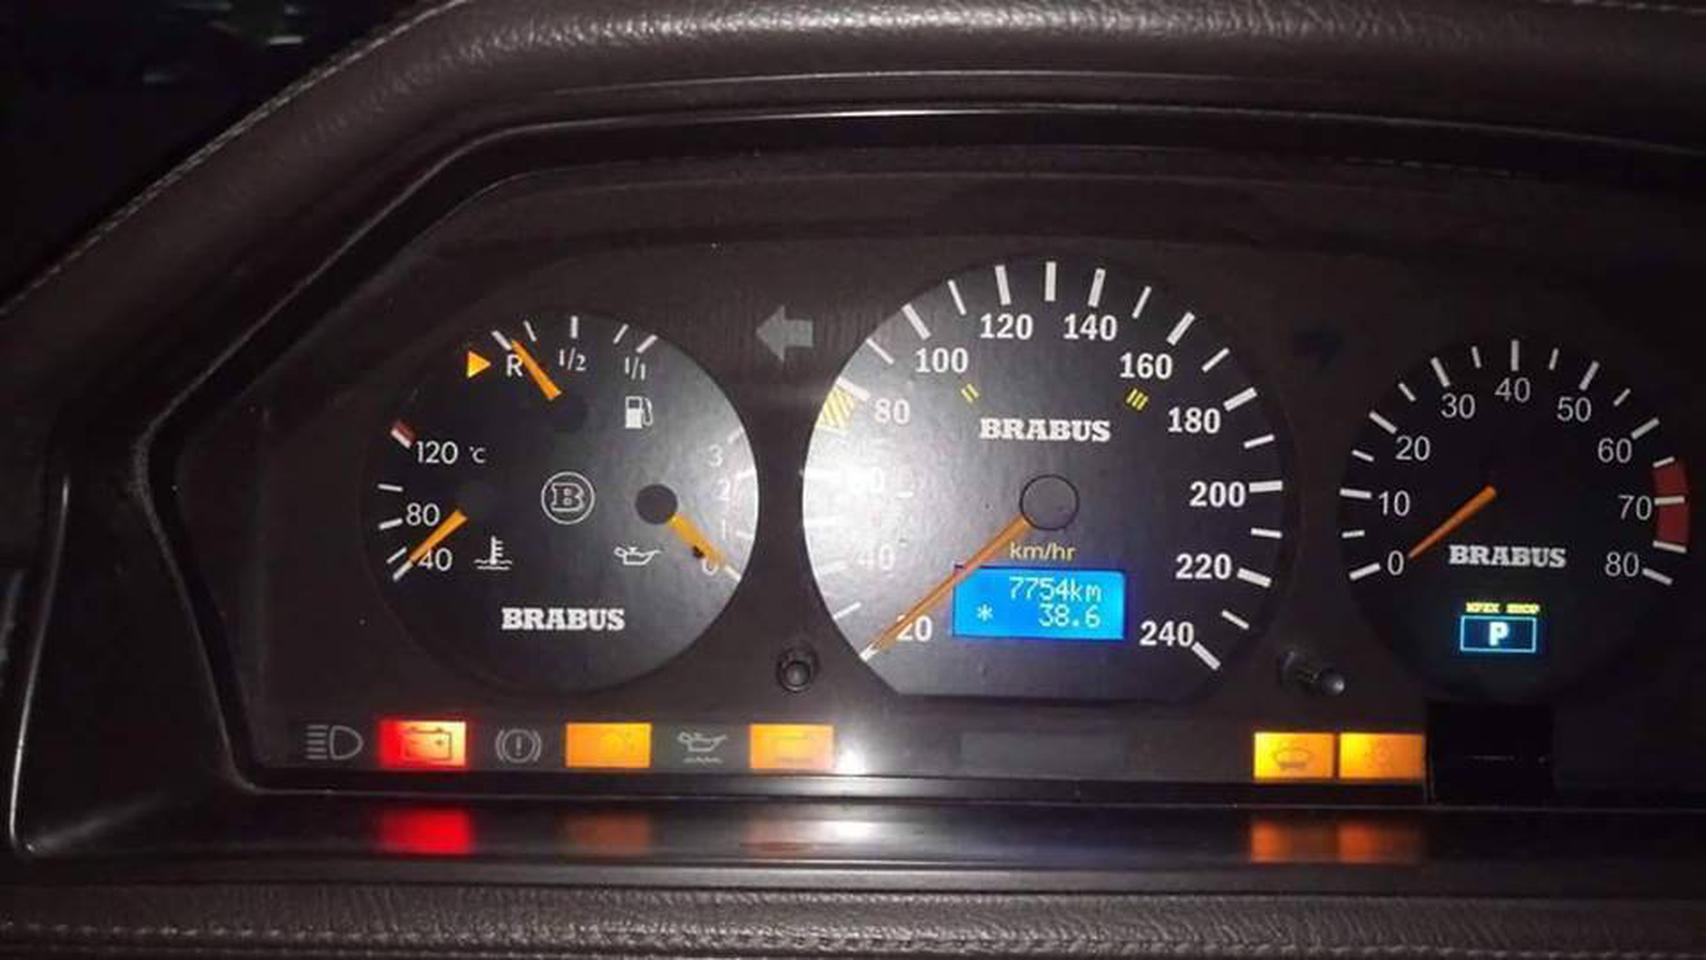 ขายรถเก๋ง Mercedez Benz W124 เขตบางเขน กรุงเทพ รูปที่ 6